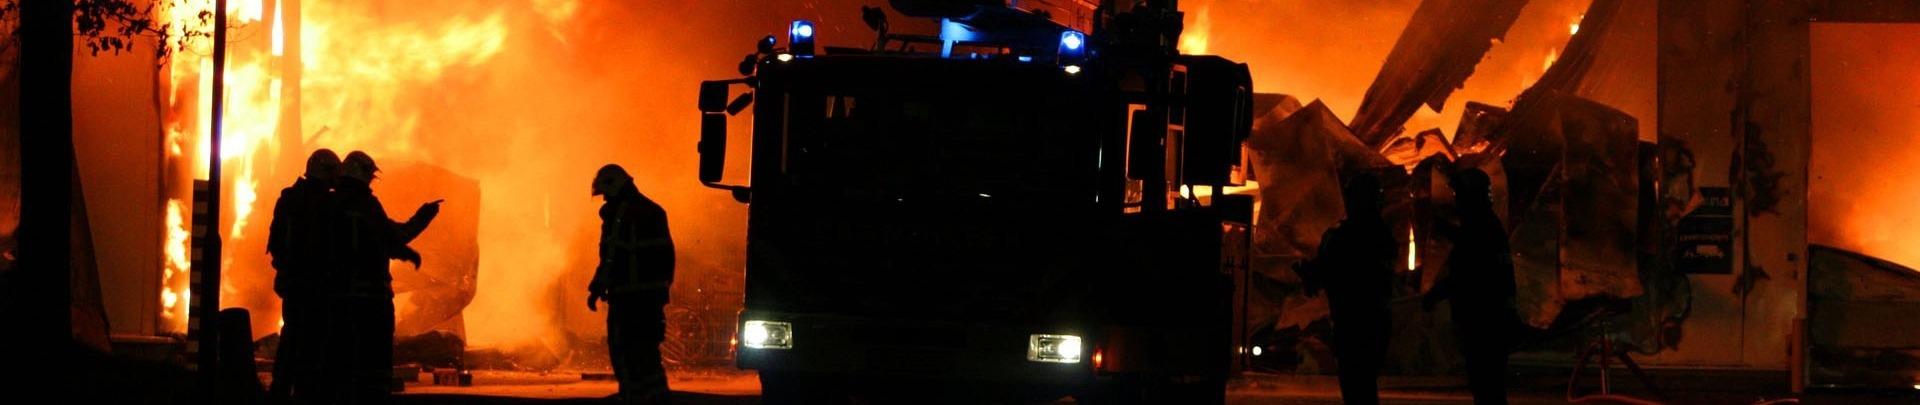 Grote brand met brandweer